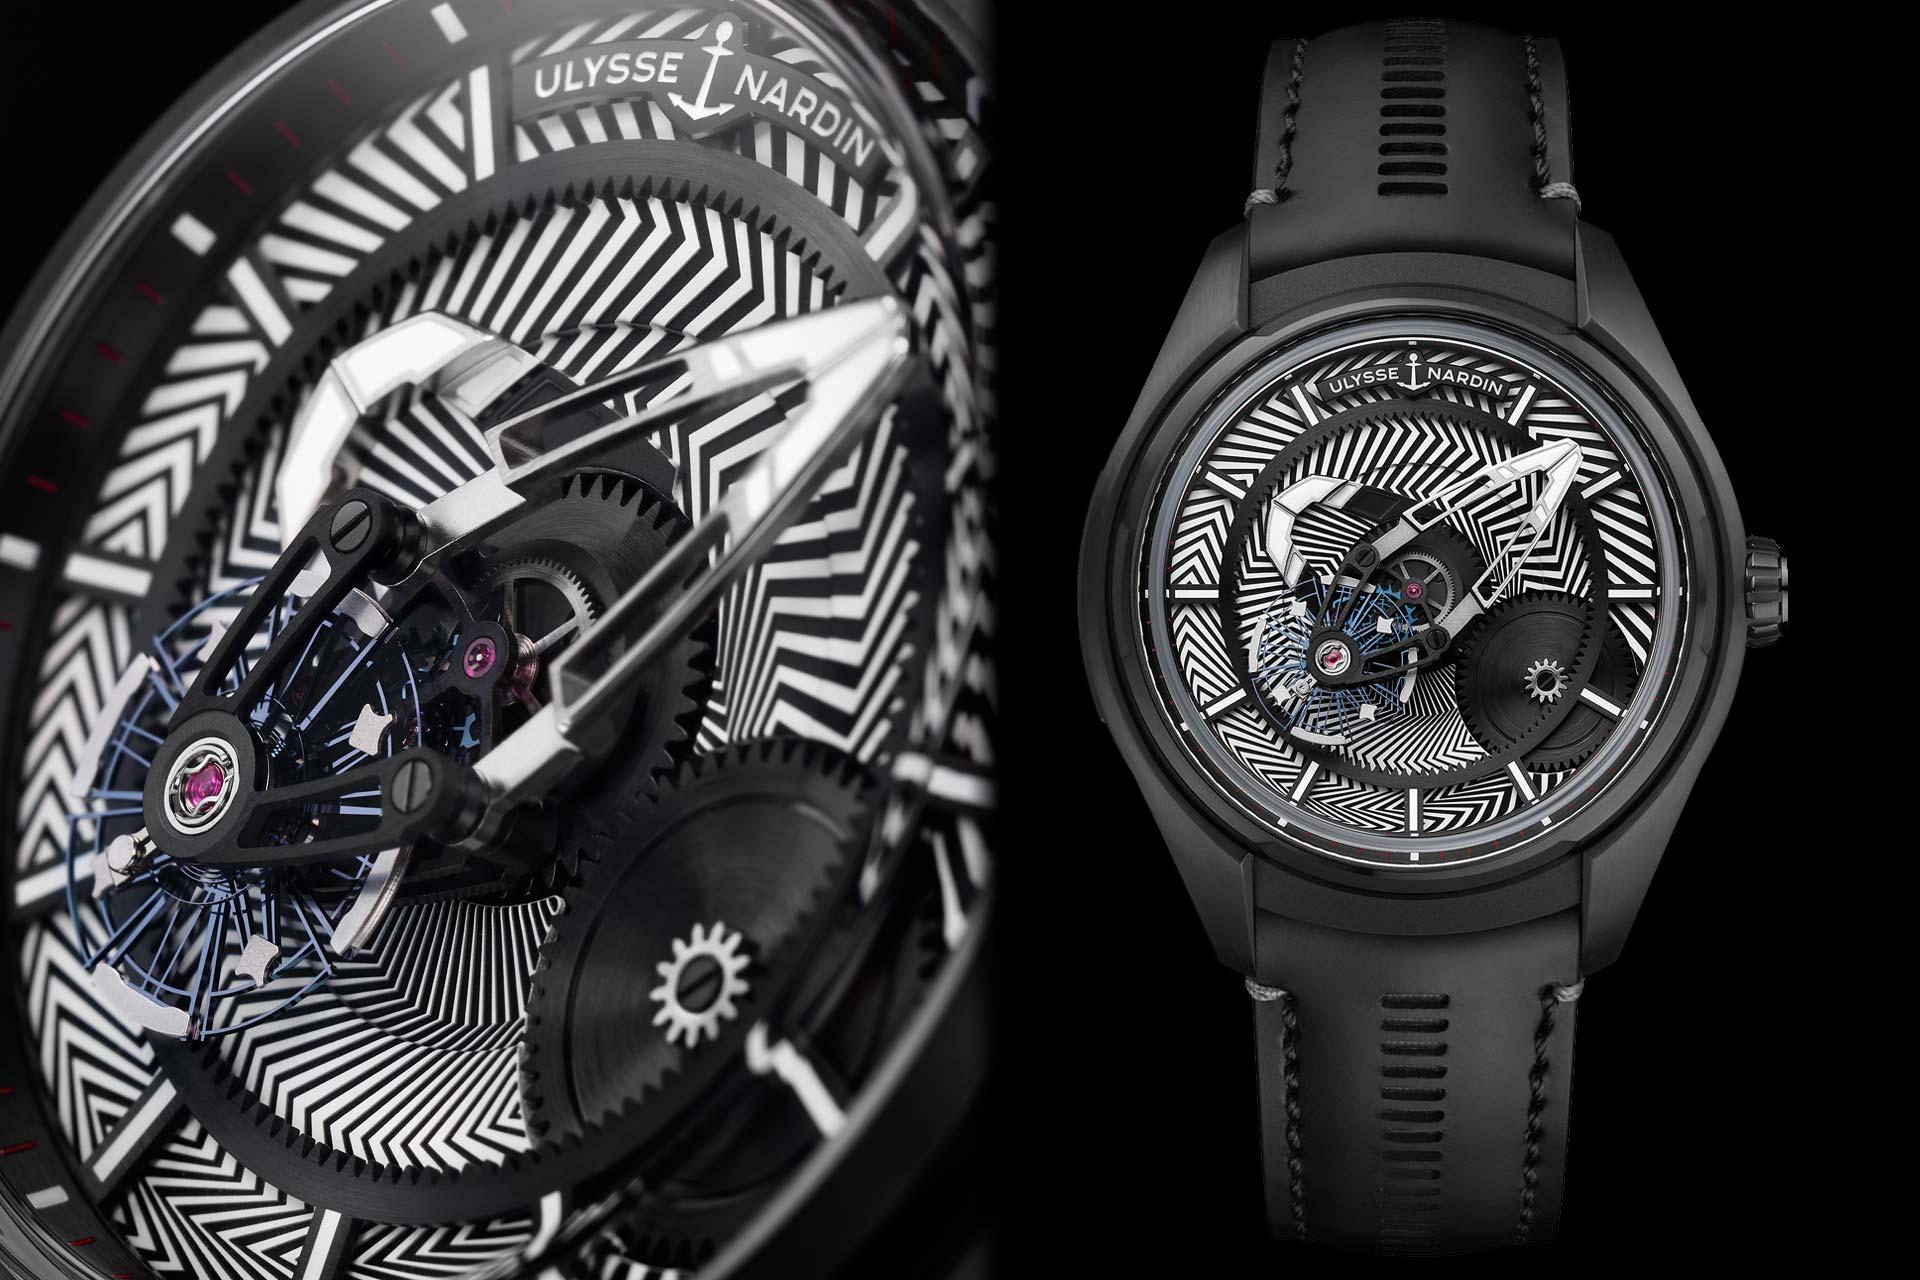 炫目魅力,矚目來襲:Ulysse Nardin Freak X Razzle Dazzle炫目迷彩腕錶